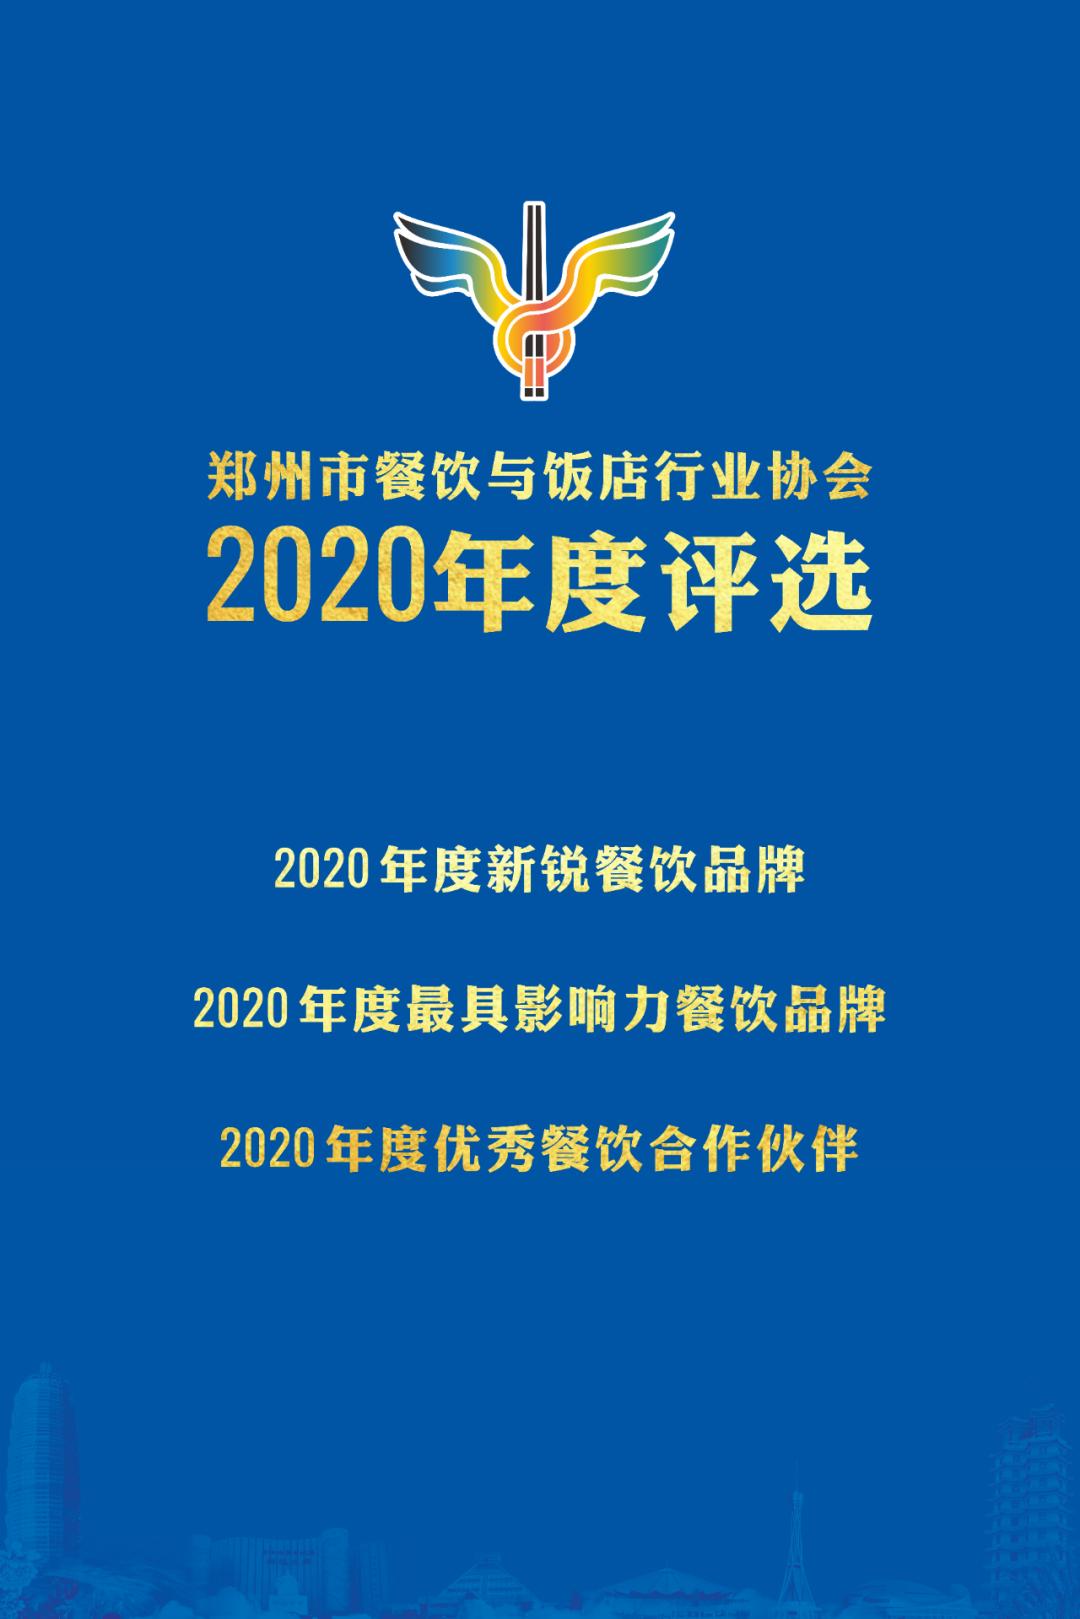 郑州市餐饮与饭店行业协会,郑州餐协